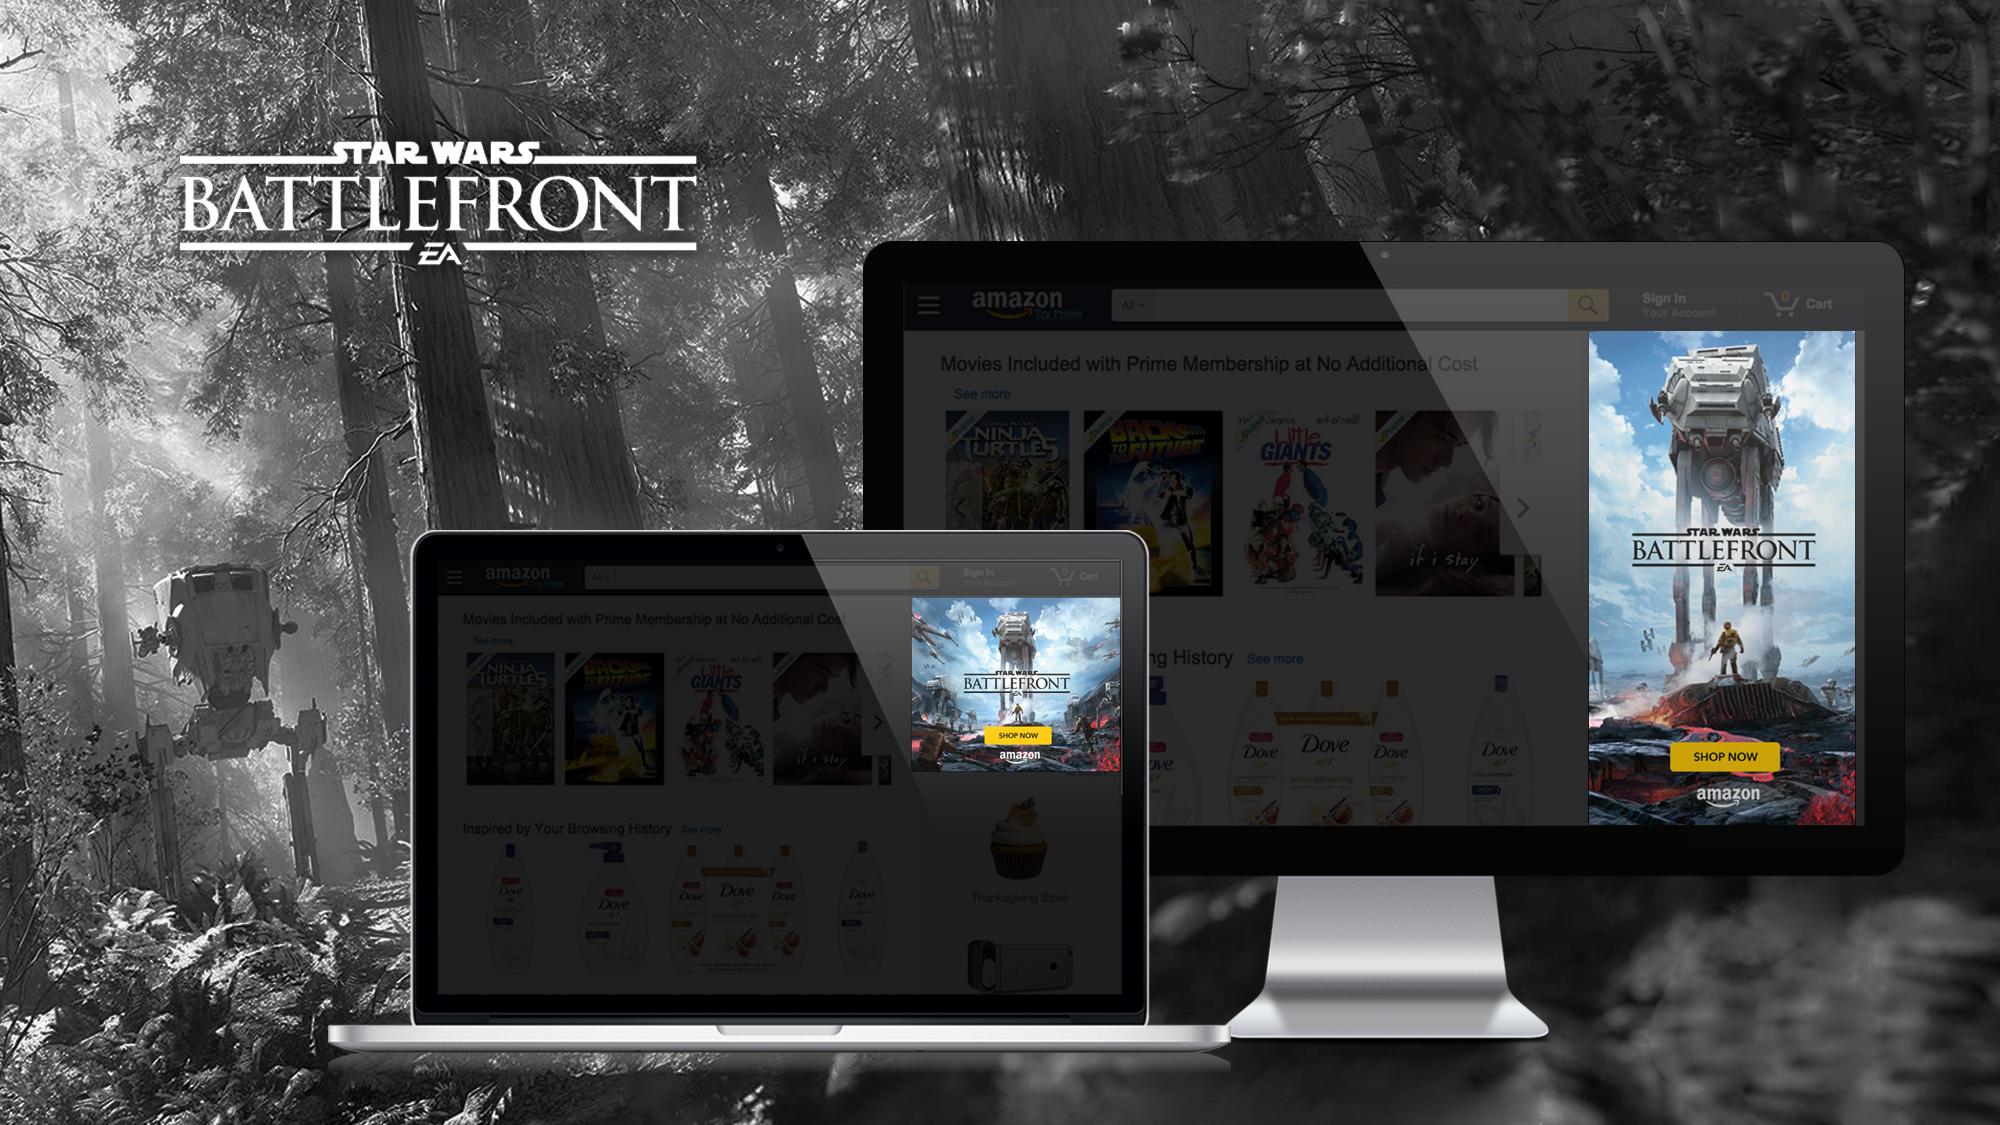 Starwars_Battlefront_Portfolio_Desktop.jpg